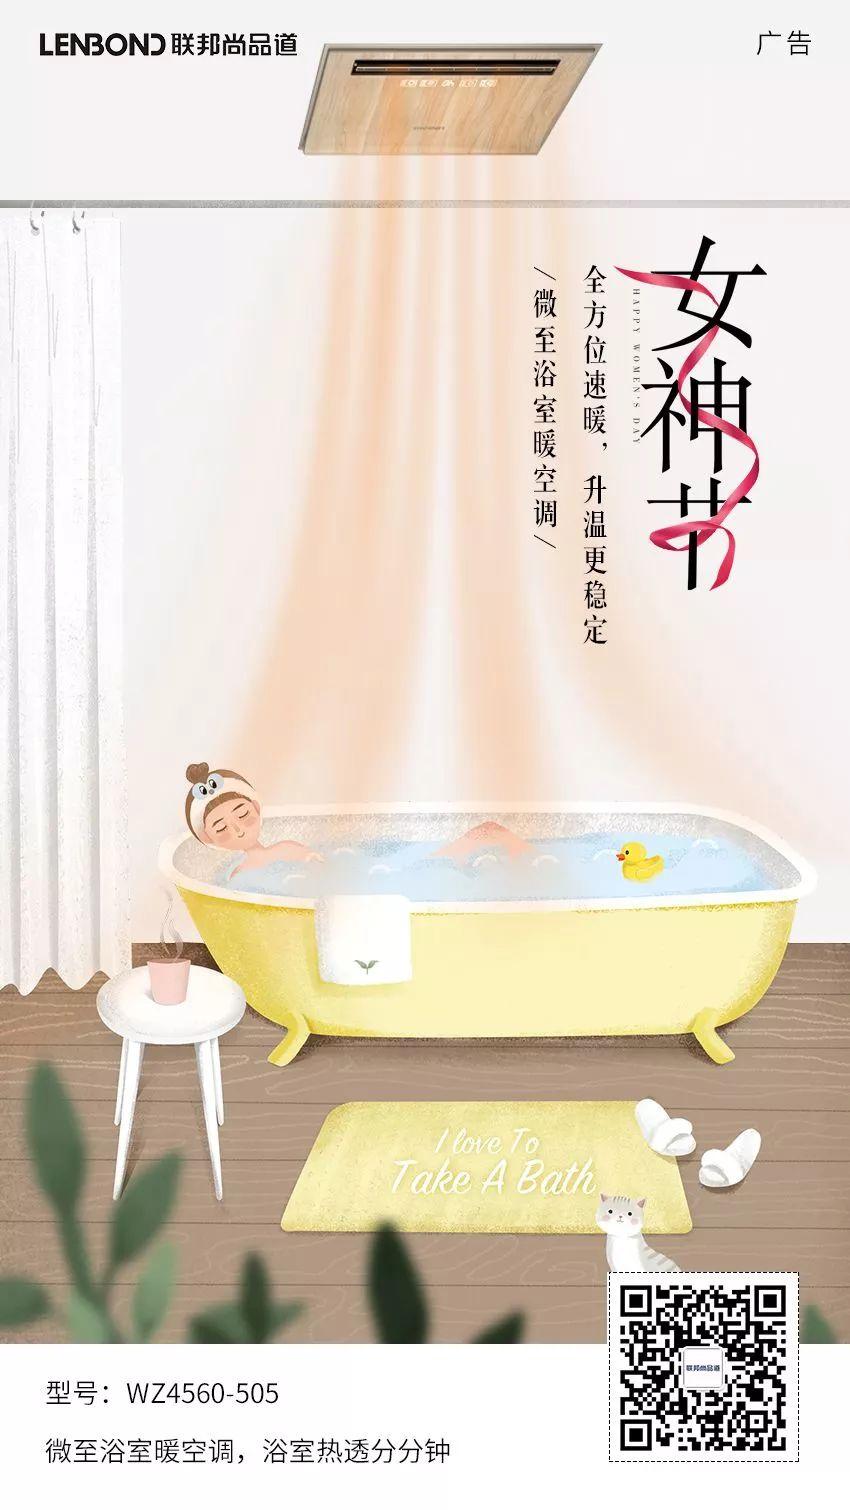 联邦尚品道集成吊顶 吊顶电器 浴室暖空调 风暖浴霸